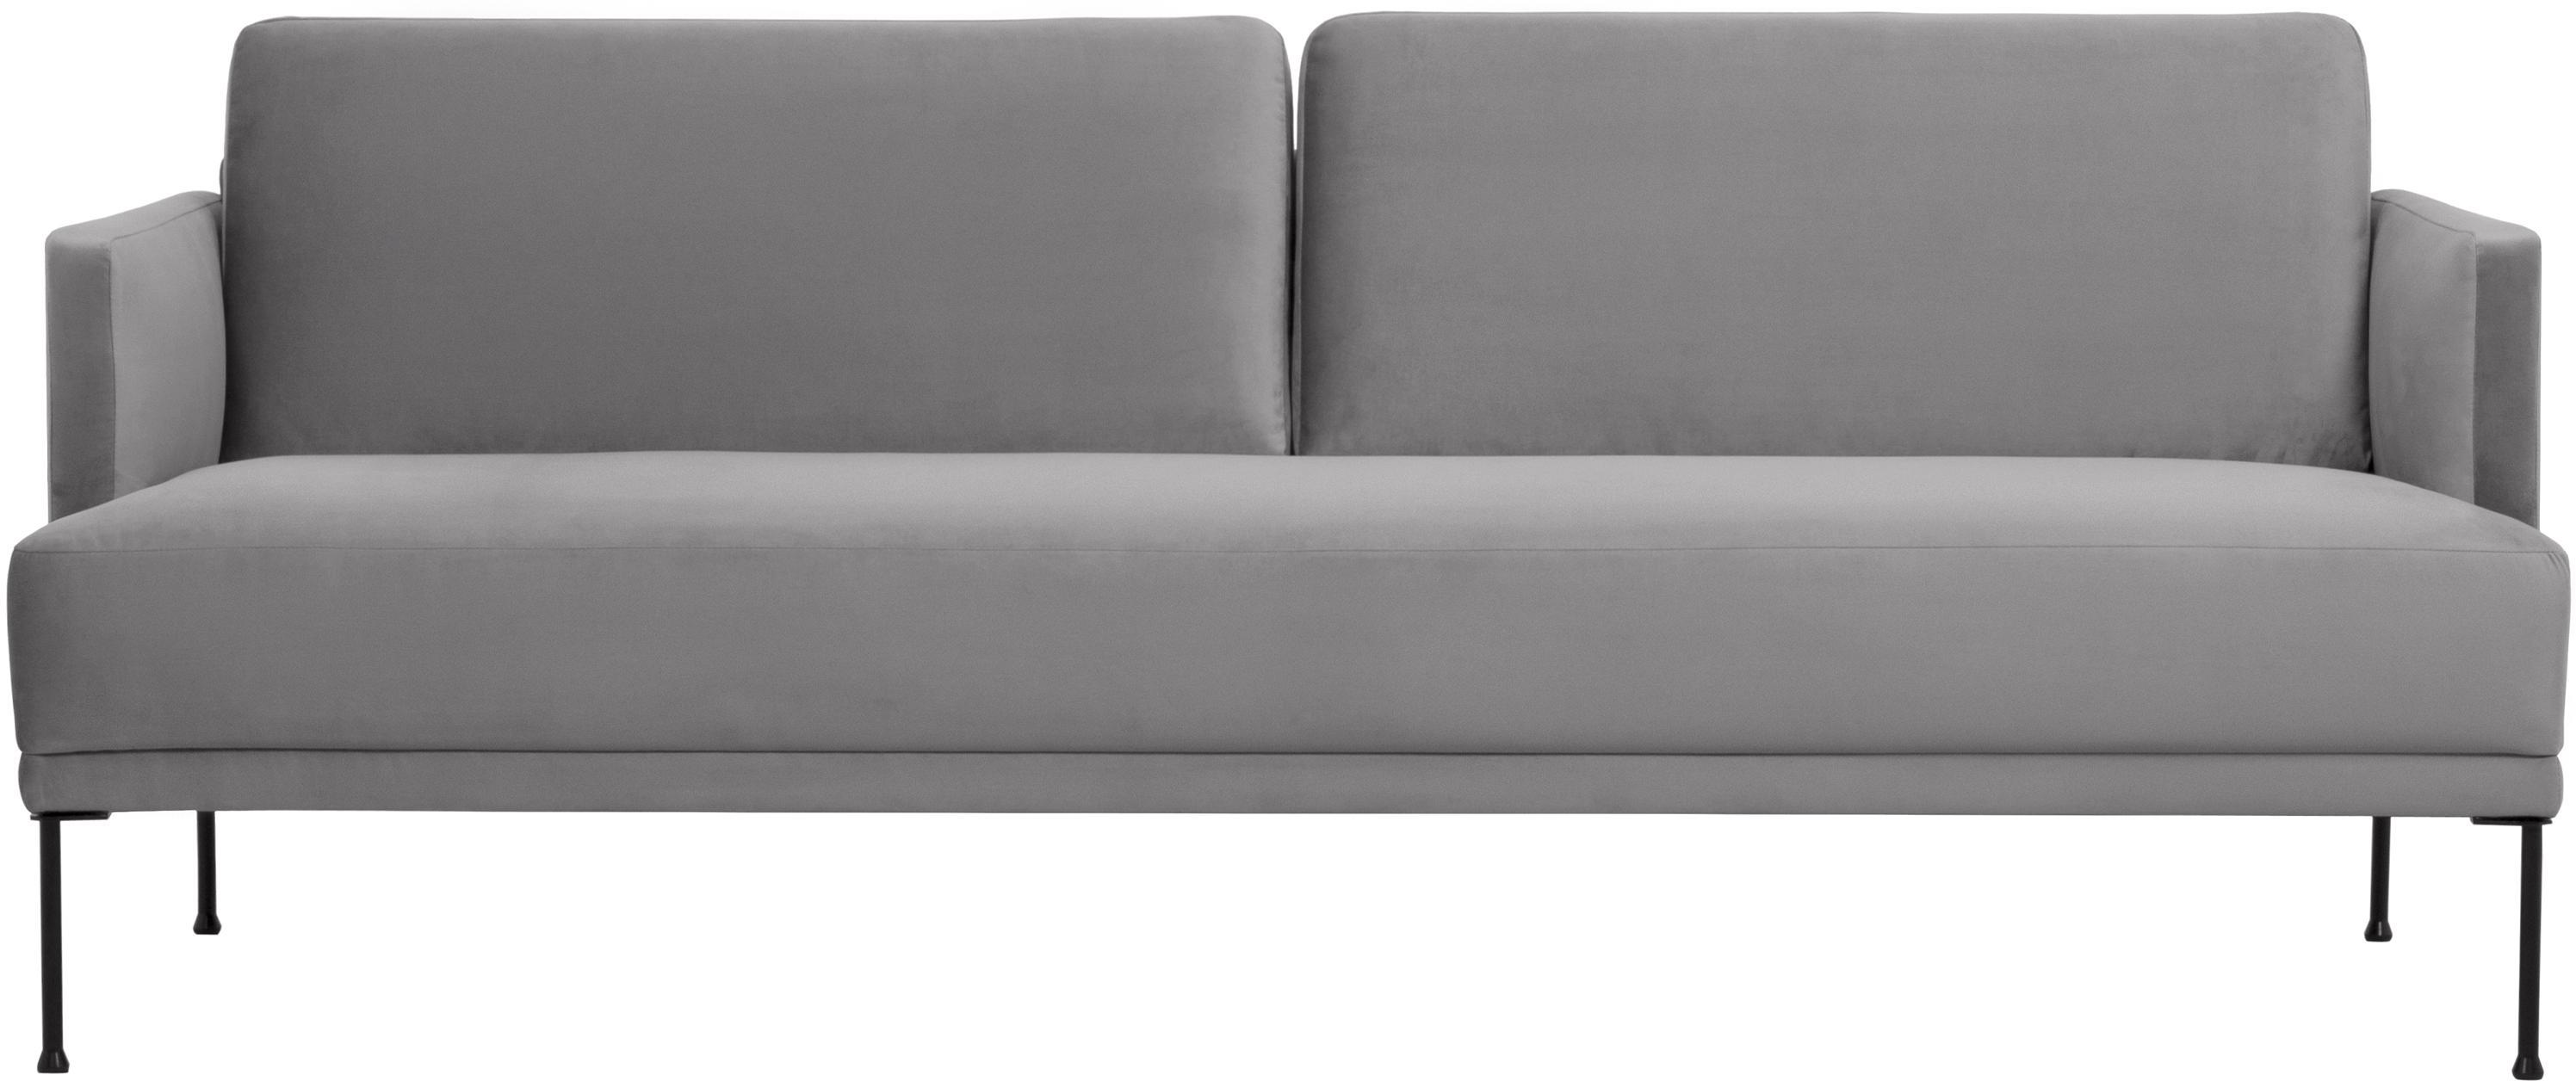 Samt-Sofa Fluente (3-Sitzer), Bezug: Samt (Hochwertiger Polyes, Gestell: Massives Kiefernholz, Füße: Metall, pulverbeschichtet, Samt Hellgrau, B 196 x T 85 cm